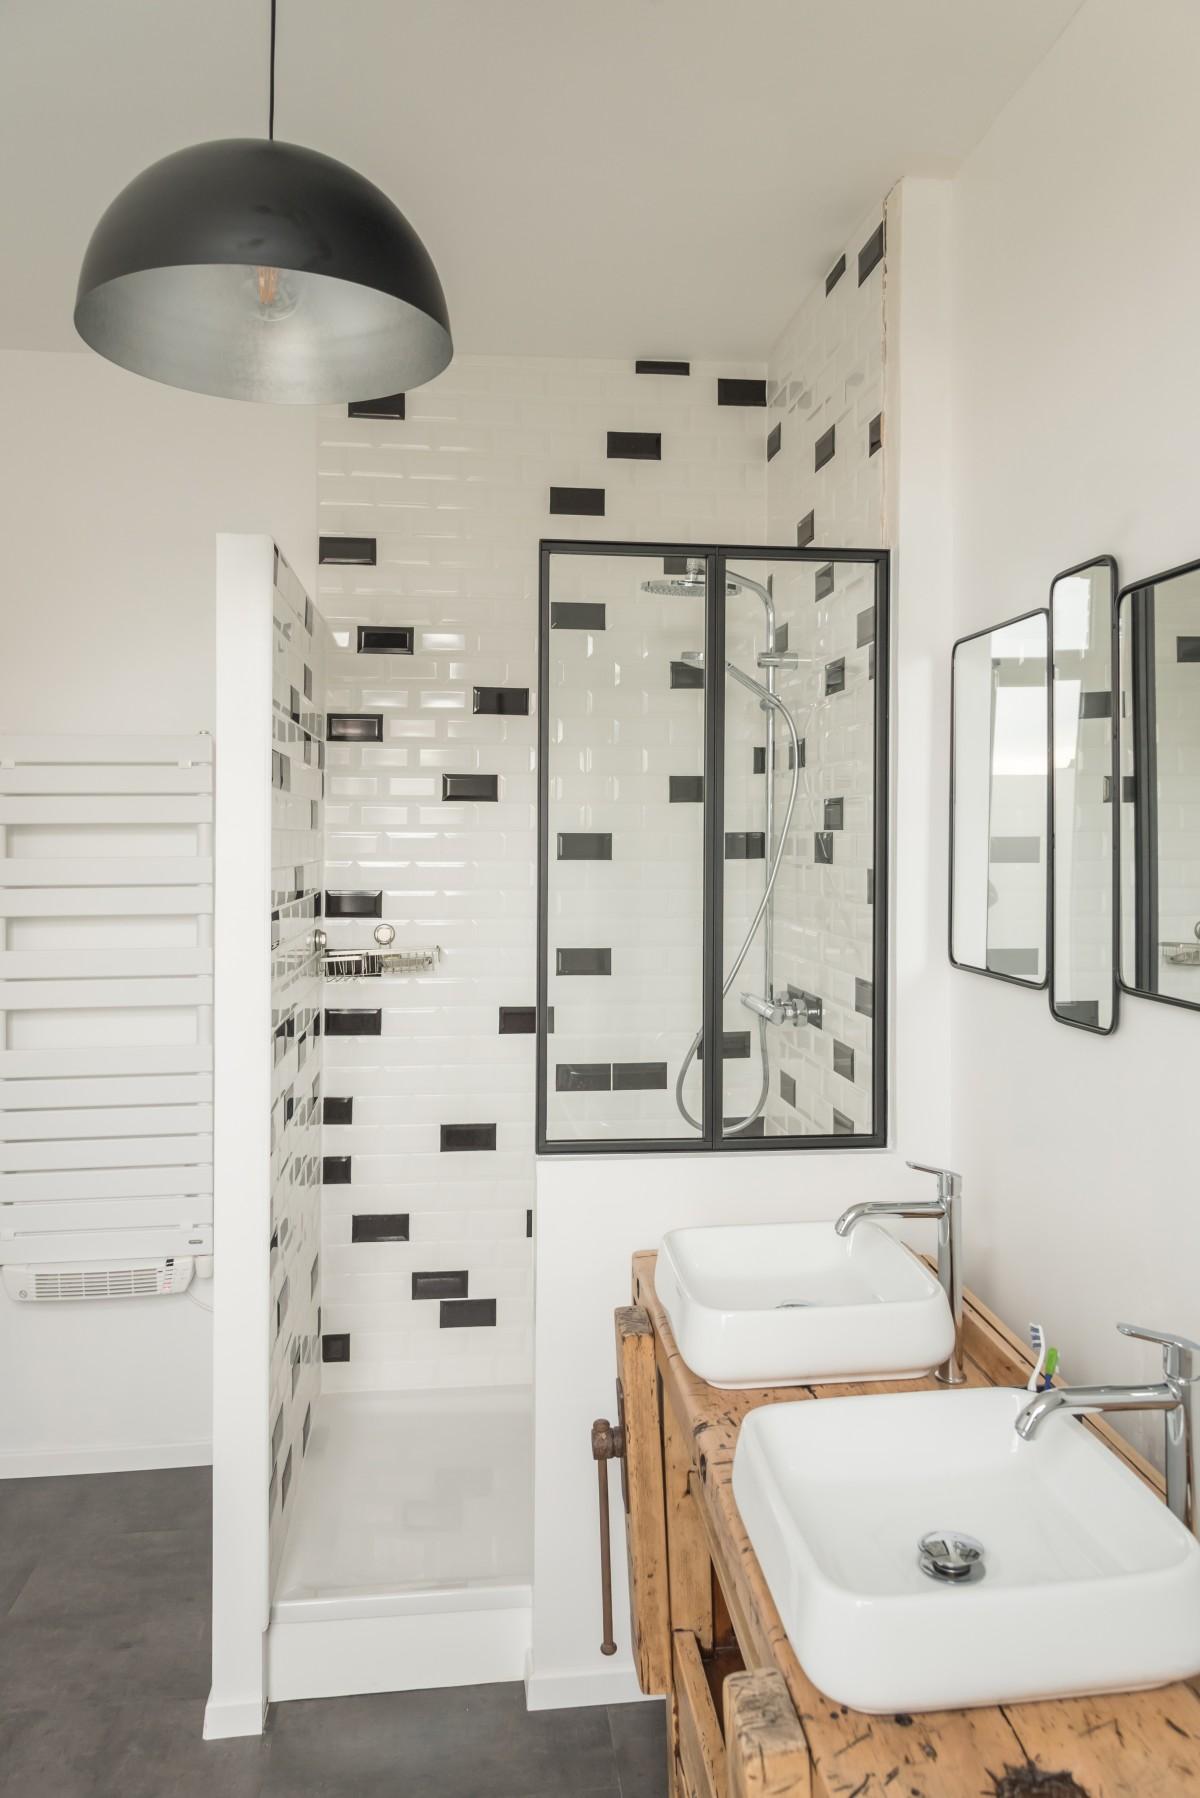 Carrousel_un-sol-effet-beton-dans-une-salle-de-bain-esprit-atelier_1